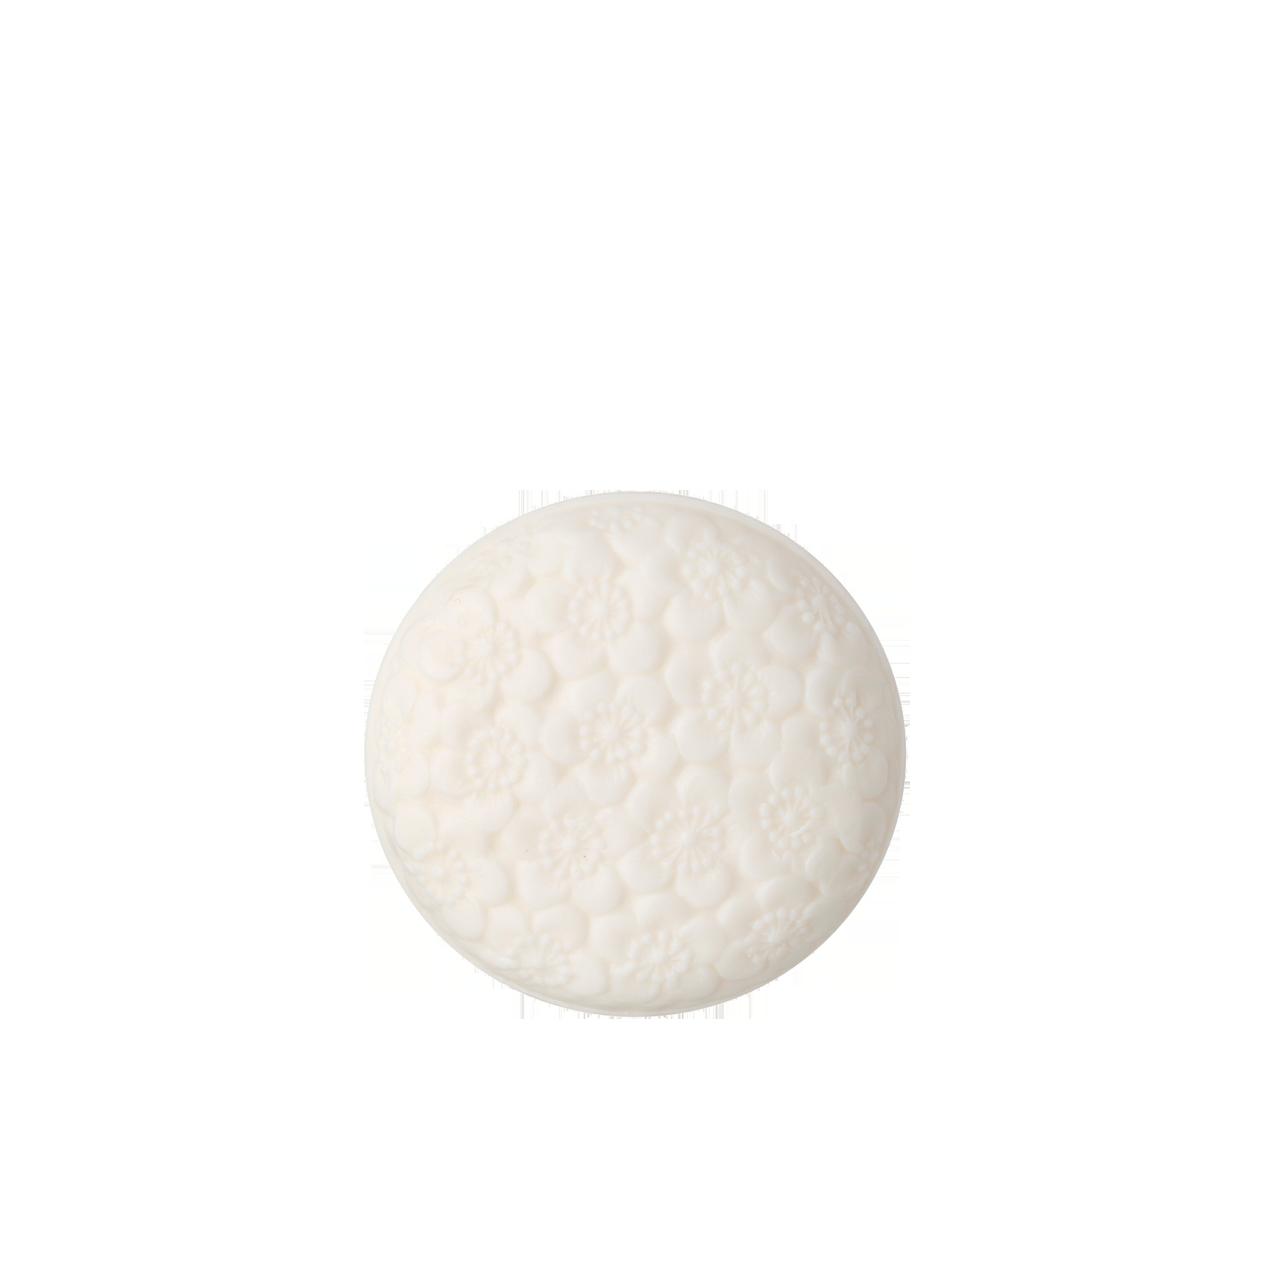 Acqua Fiorentina Bath Soap